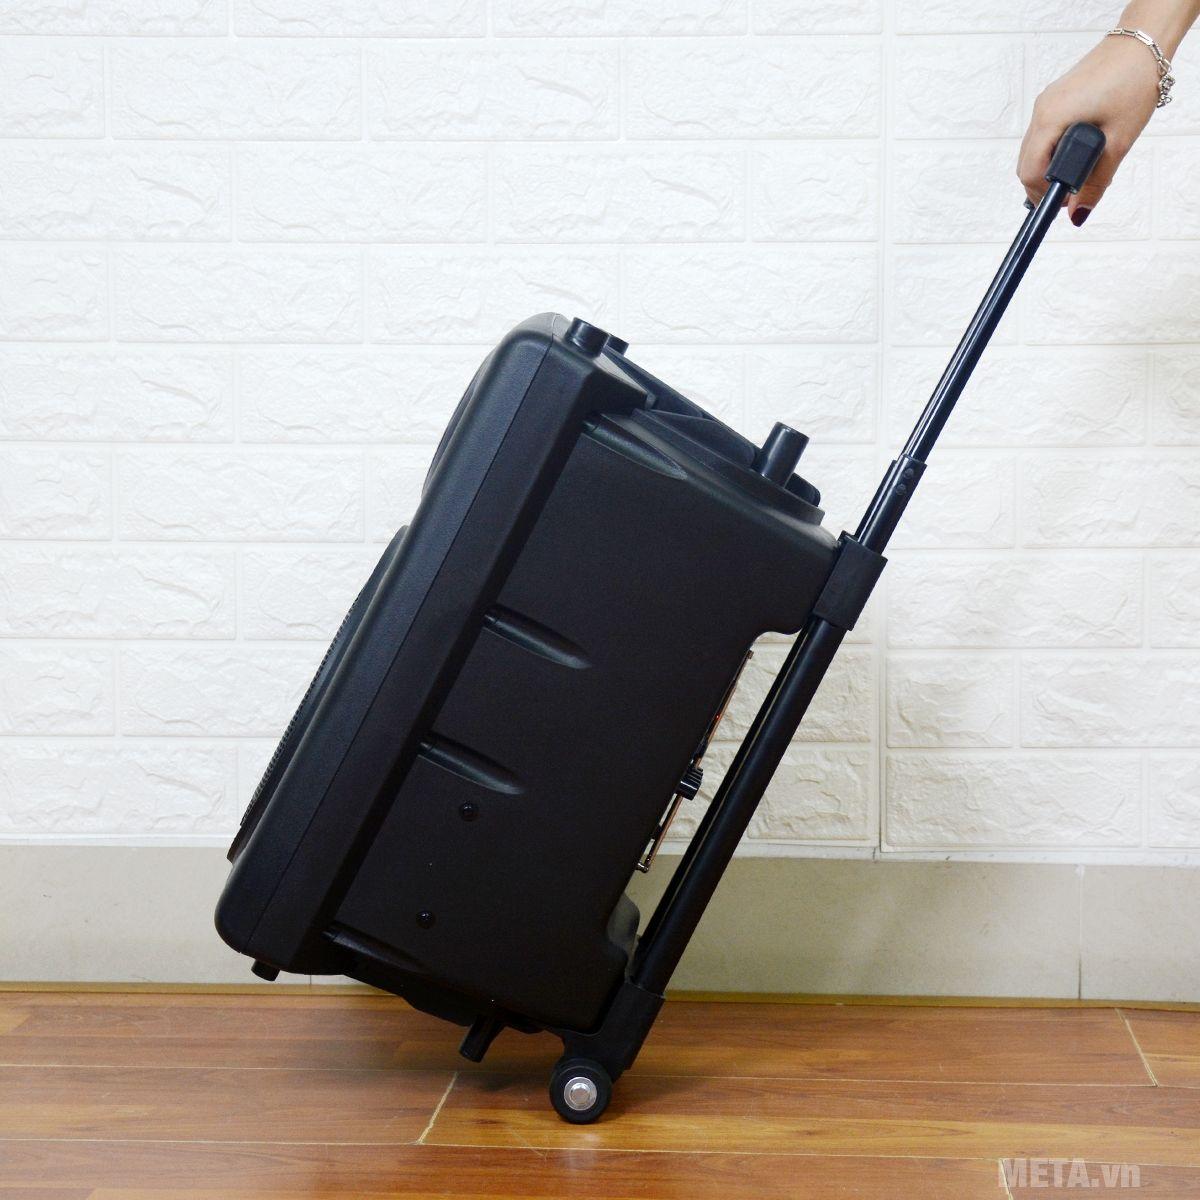 Loa vali kéo